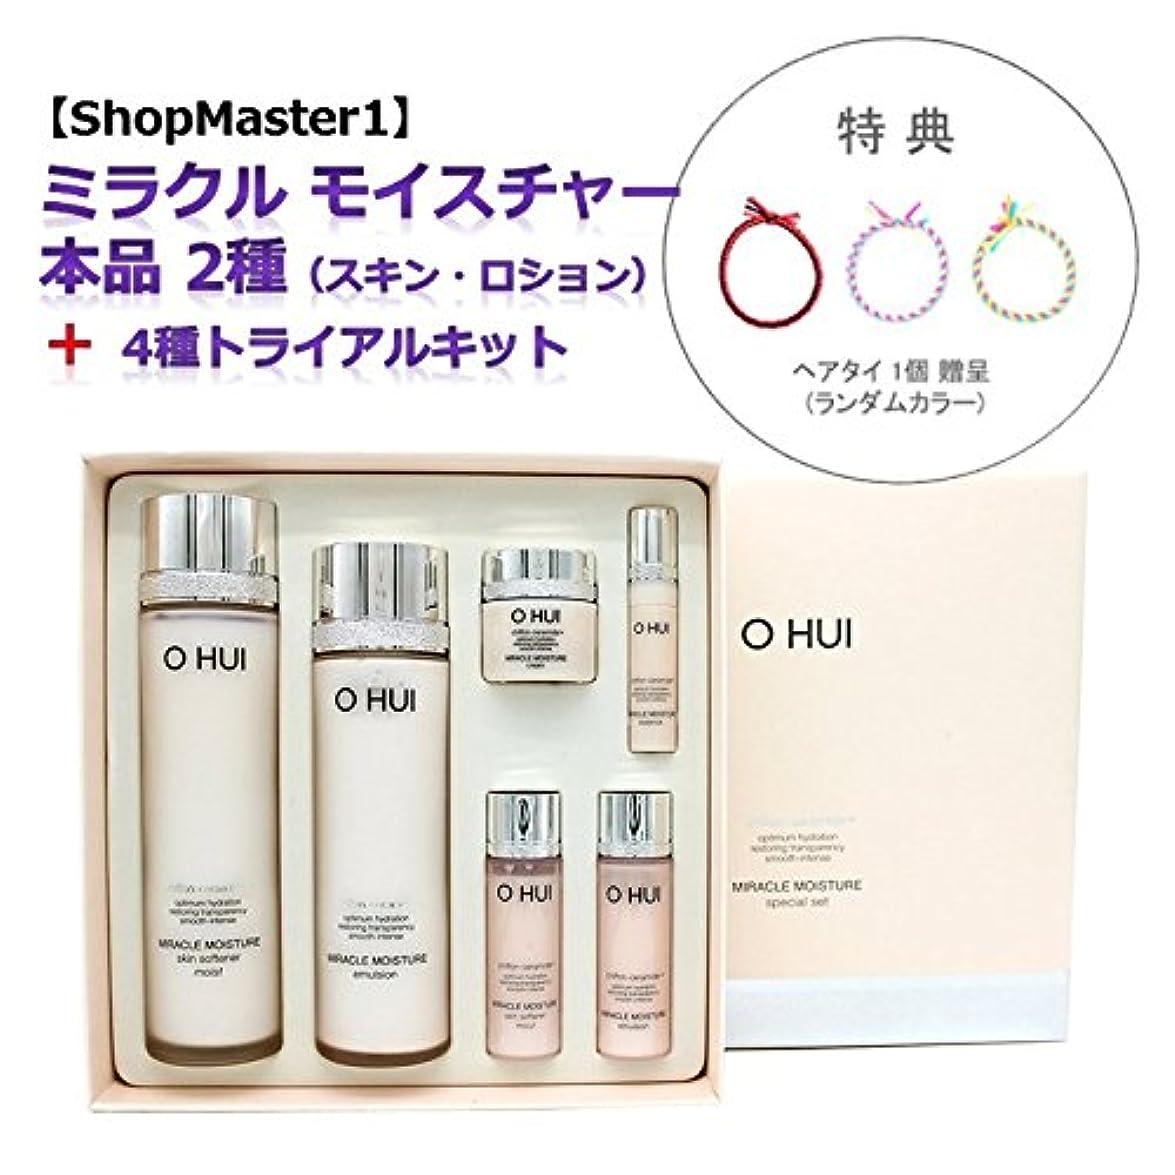 吸収説教付与【O HUI オフィ】ミラクルモイスチャー スキン?エマルジョン + トライイアルキット 4種 / Miracle Moisture Skin?Emulsion + Trial Kit 4Pcs / 海外直送品 / 特典...